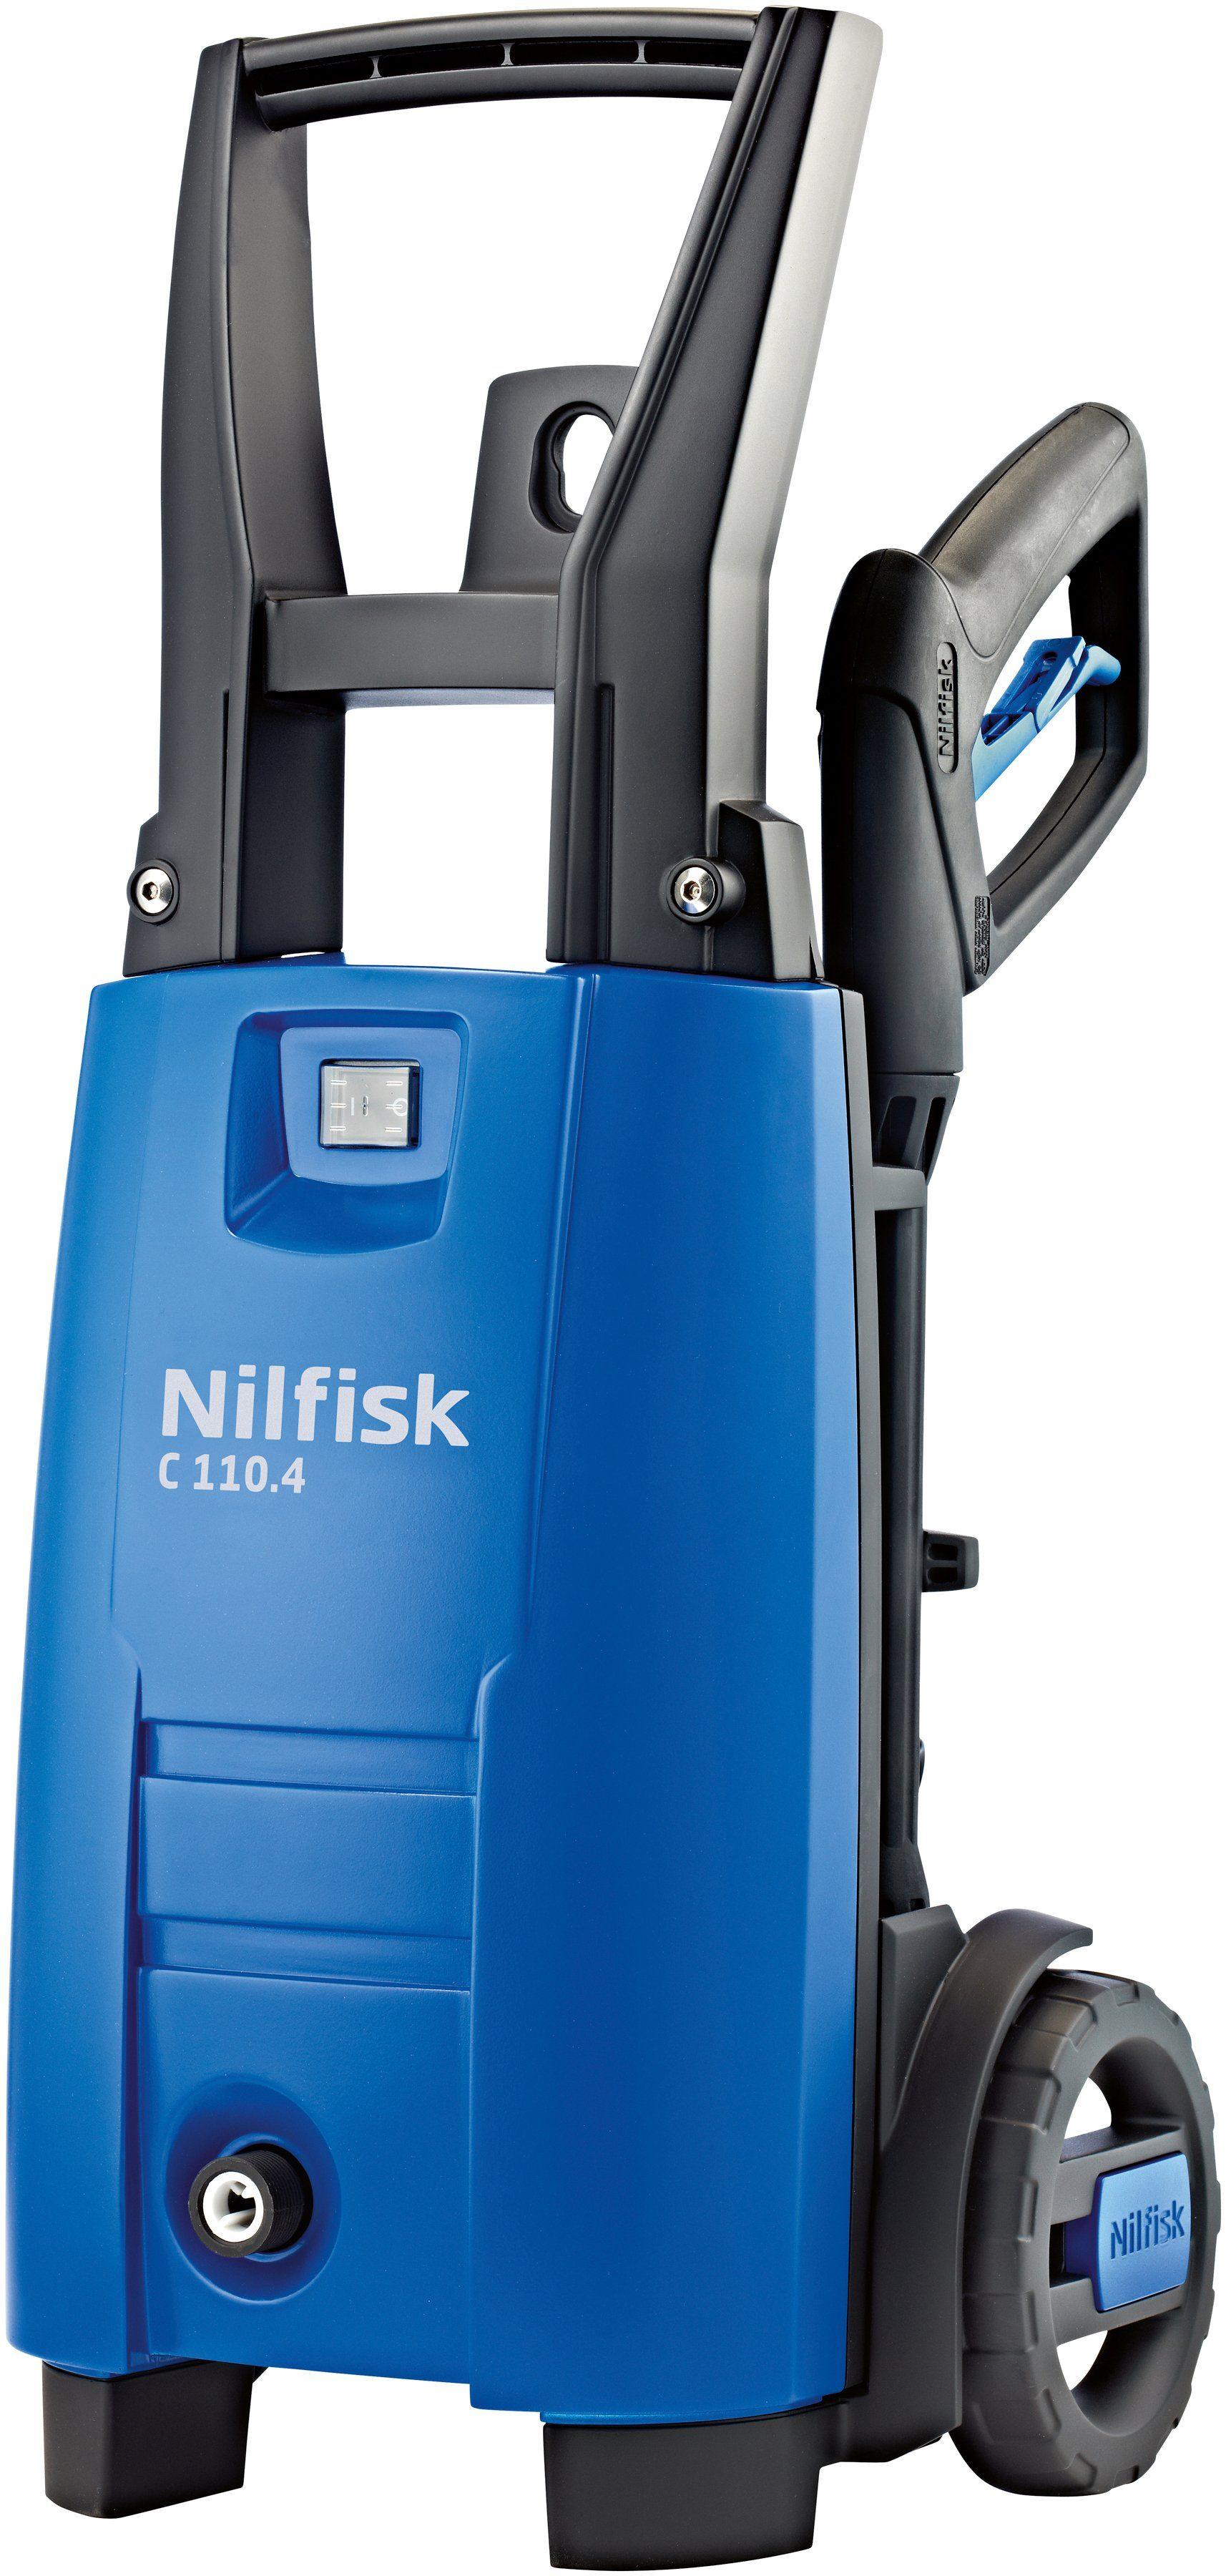 Nilfisk Hochdruckreiniger »Consumer C 110.4-5 X-tra«